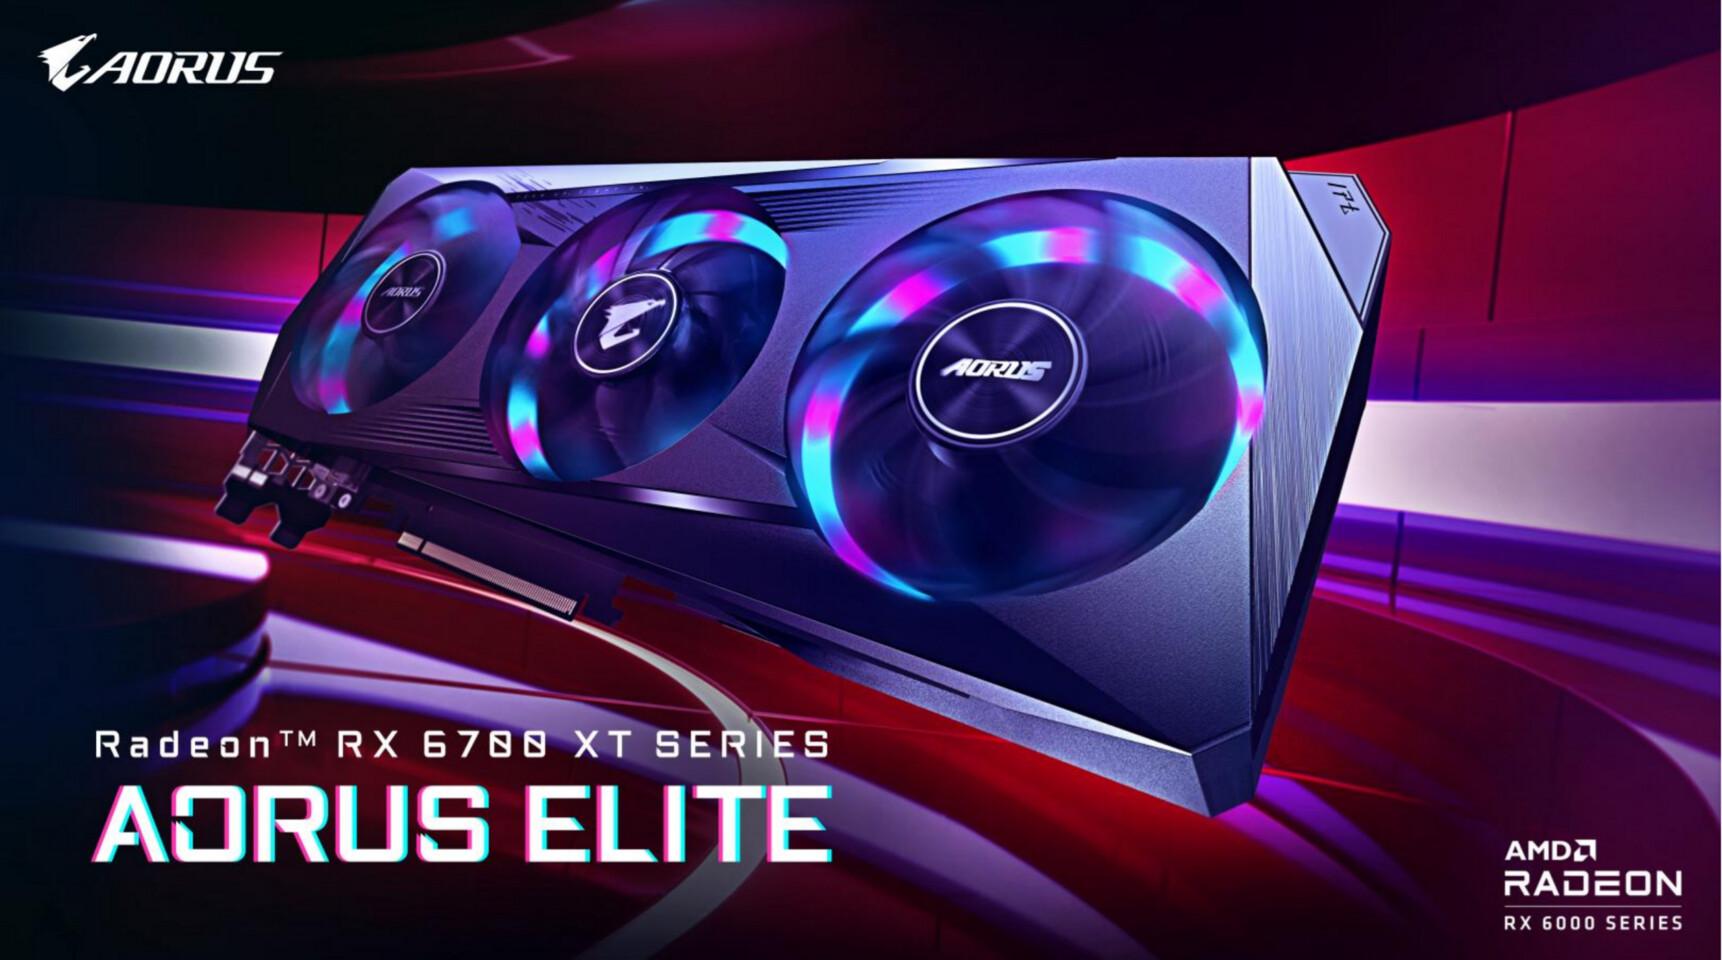 GIGABYTE lanza la tarjeta gráfica Radeon RX 6700 XT AORUS Elite